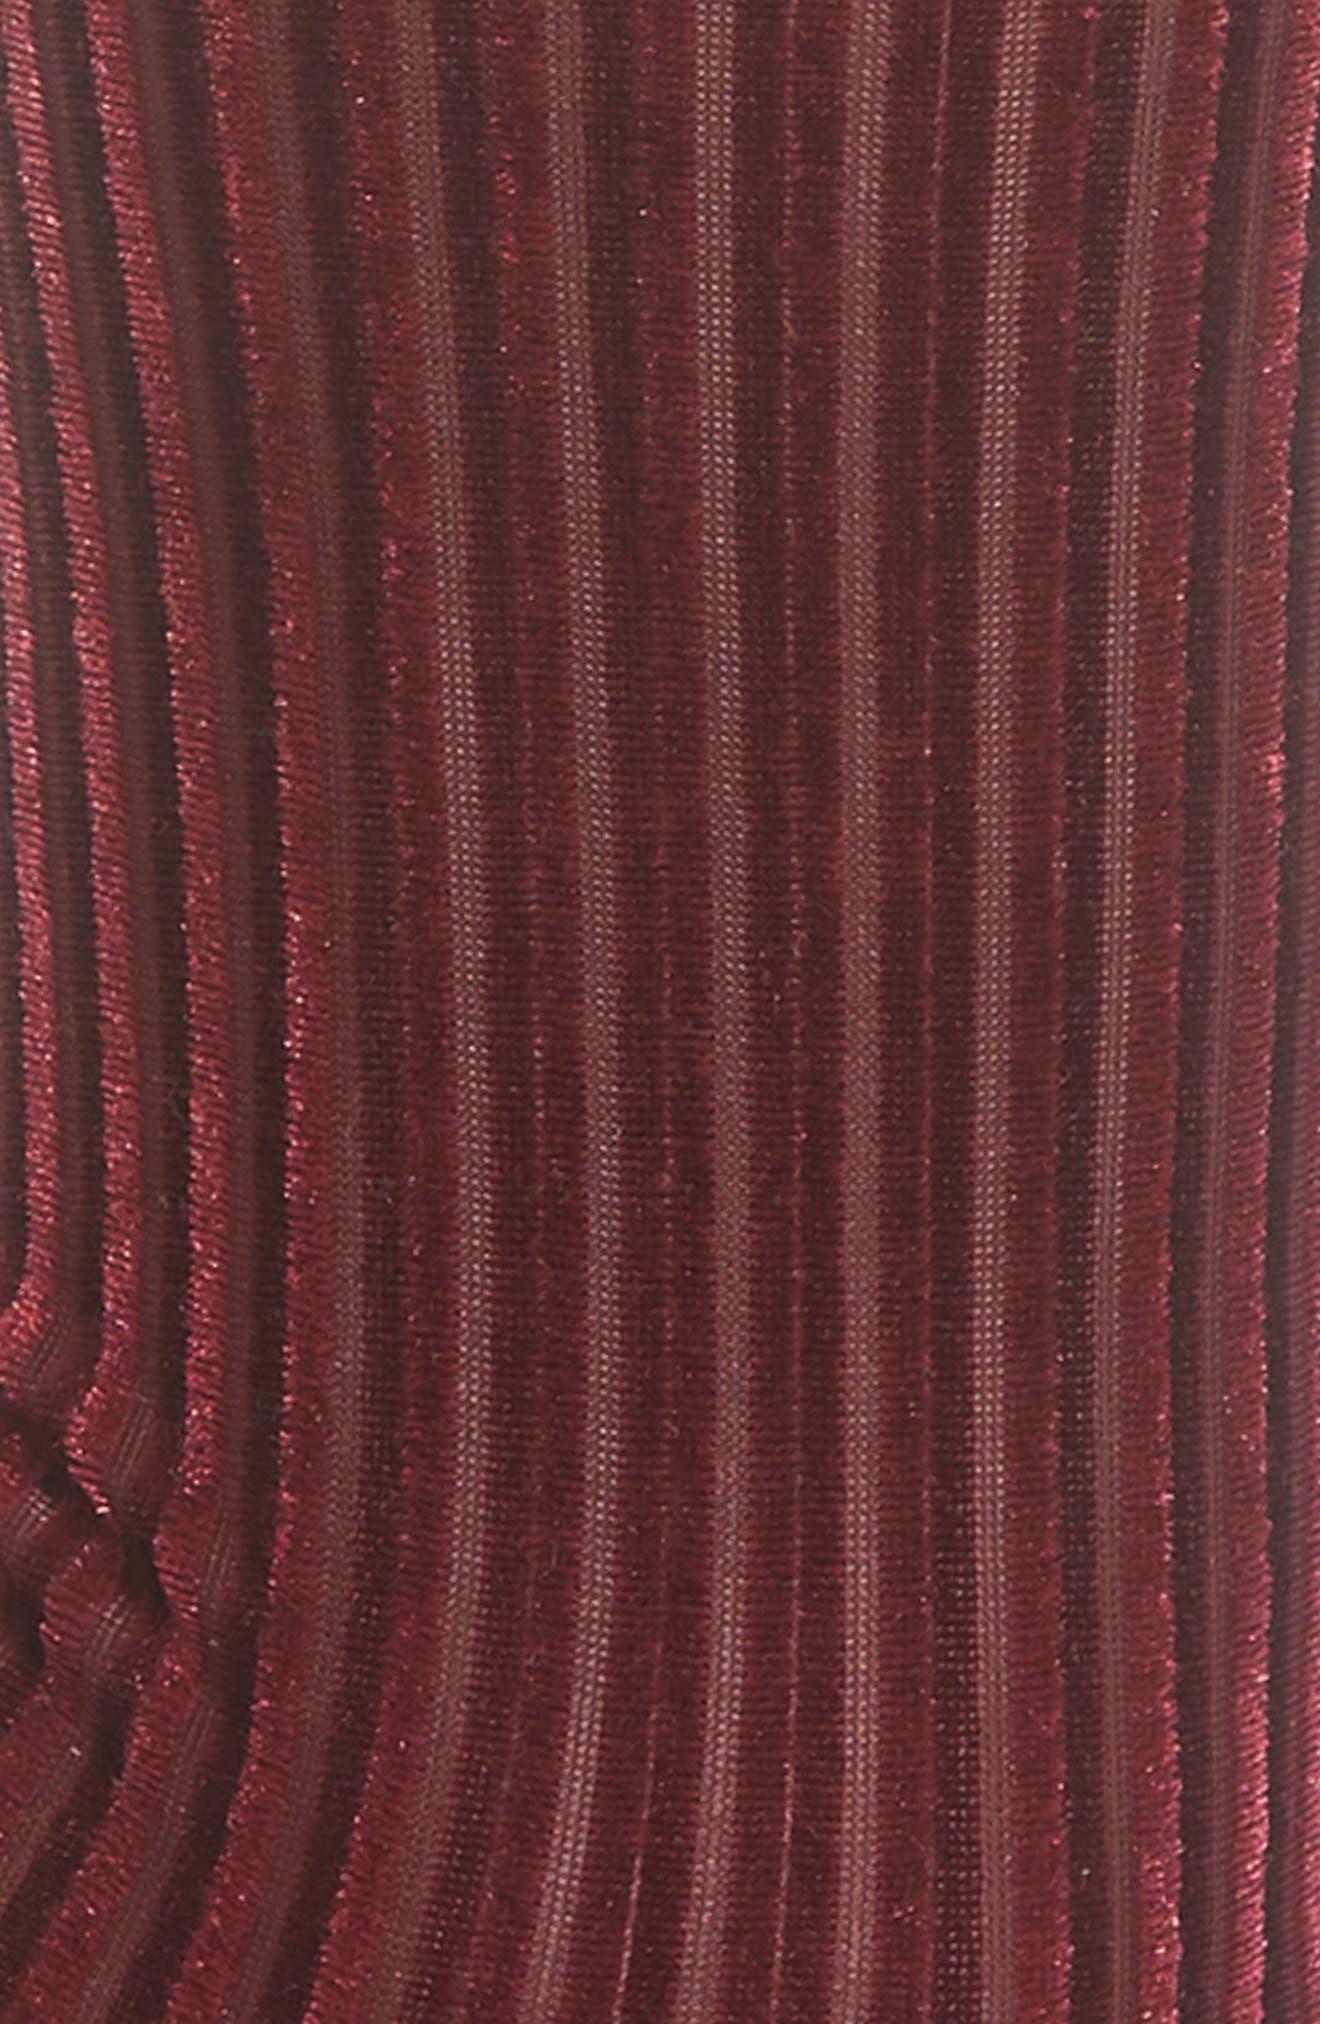 Velvet Ribbed Socks,                             Alternate thumbnail 2, color,                             601